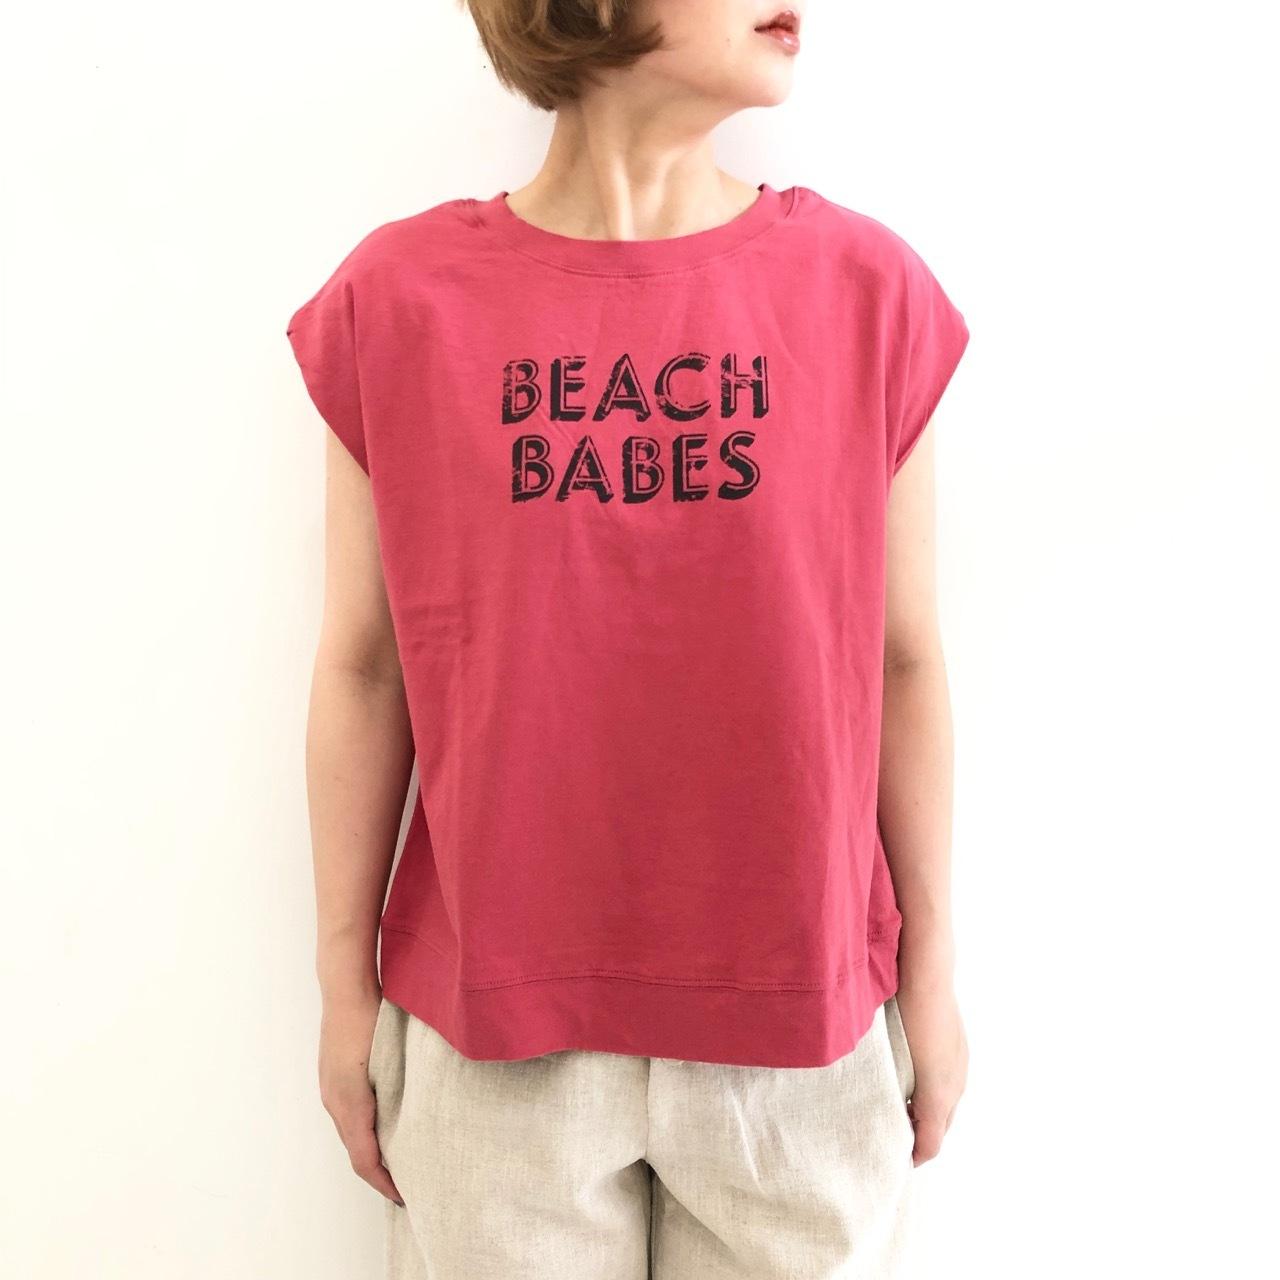 【 JUDDY CORN 】- F8389 - フレンチスリーブTeeシャツ